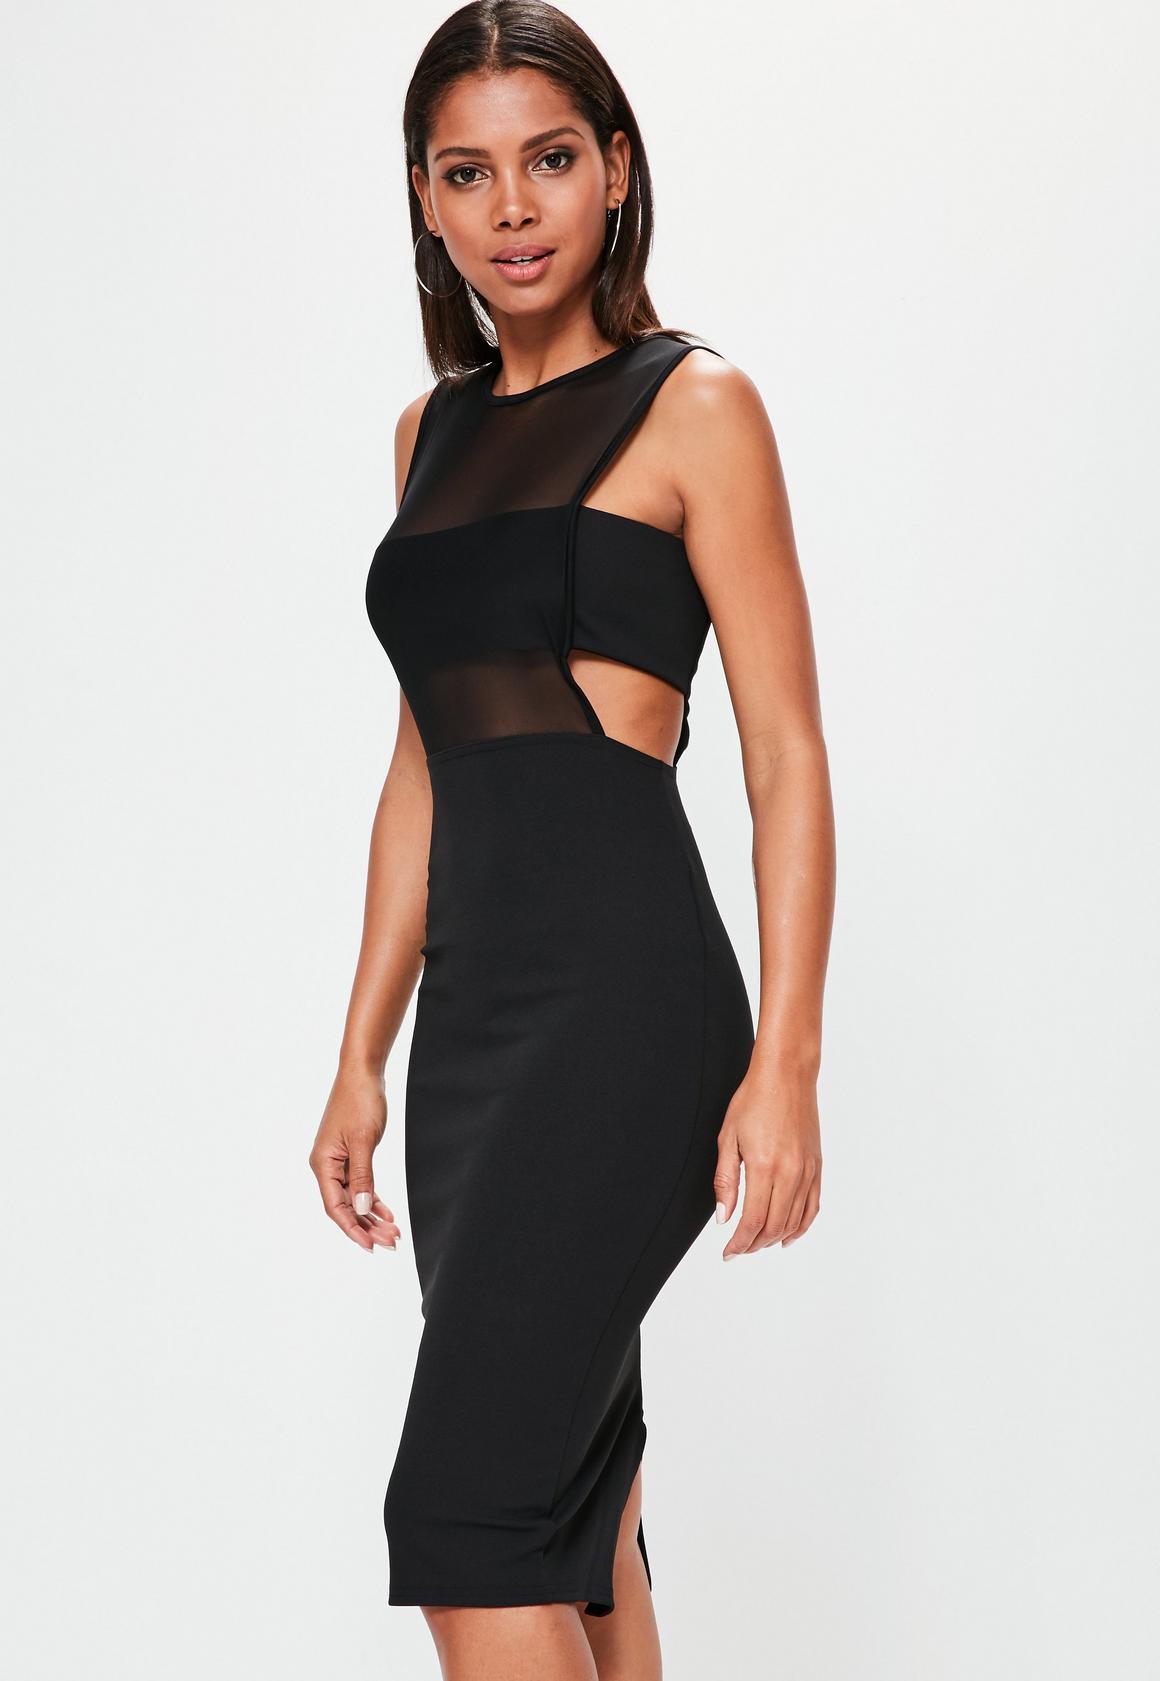 Cut black dress